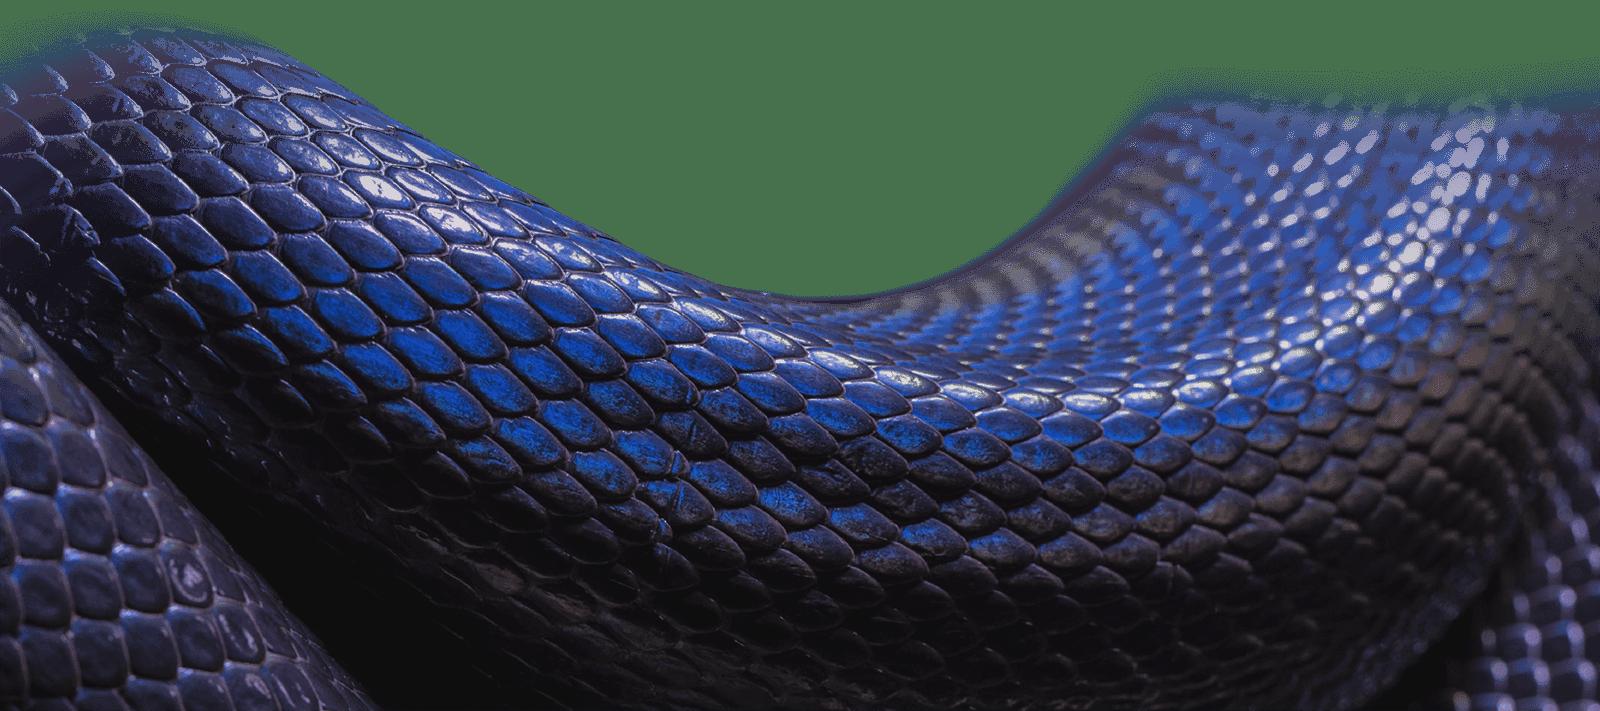 Snake (7)